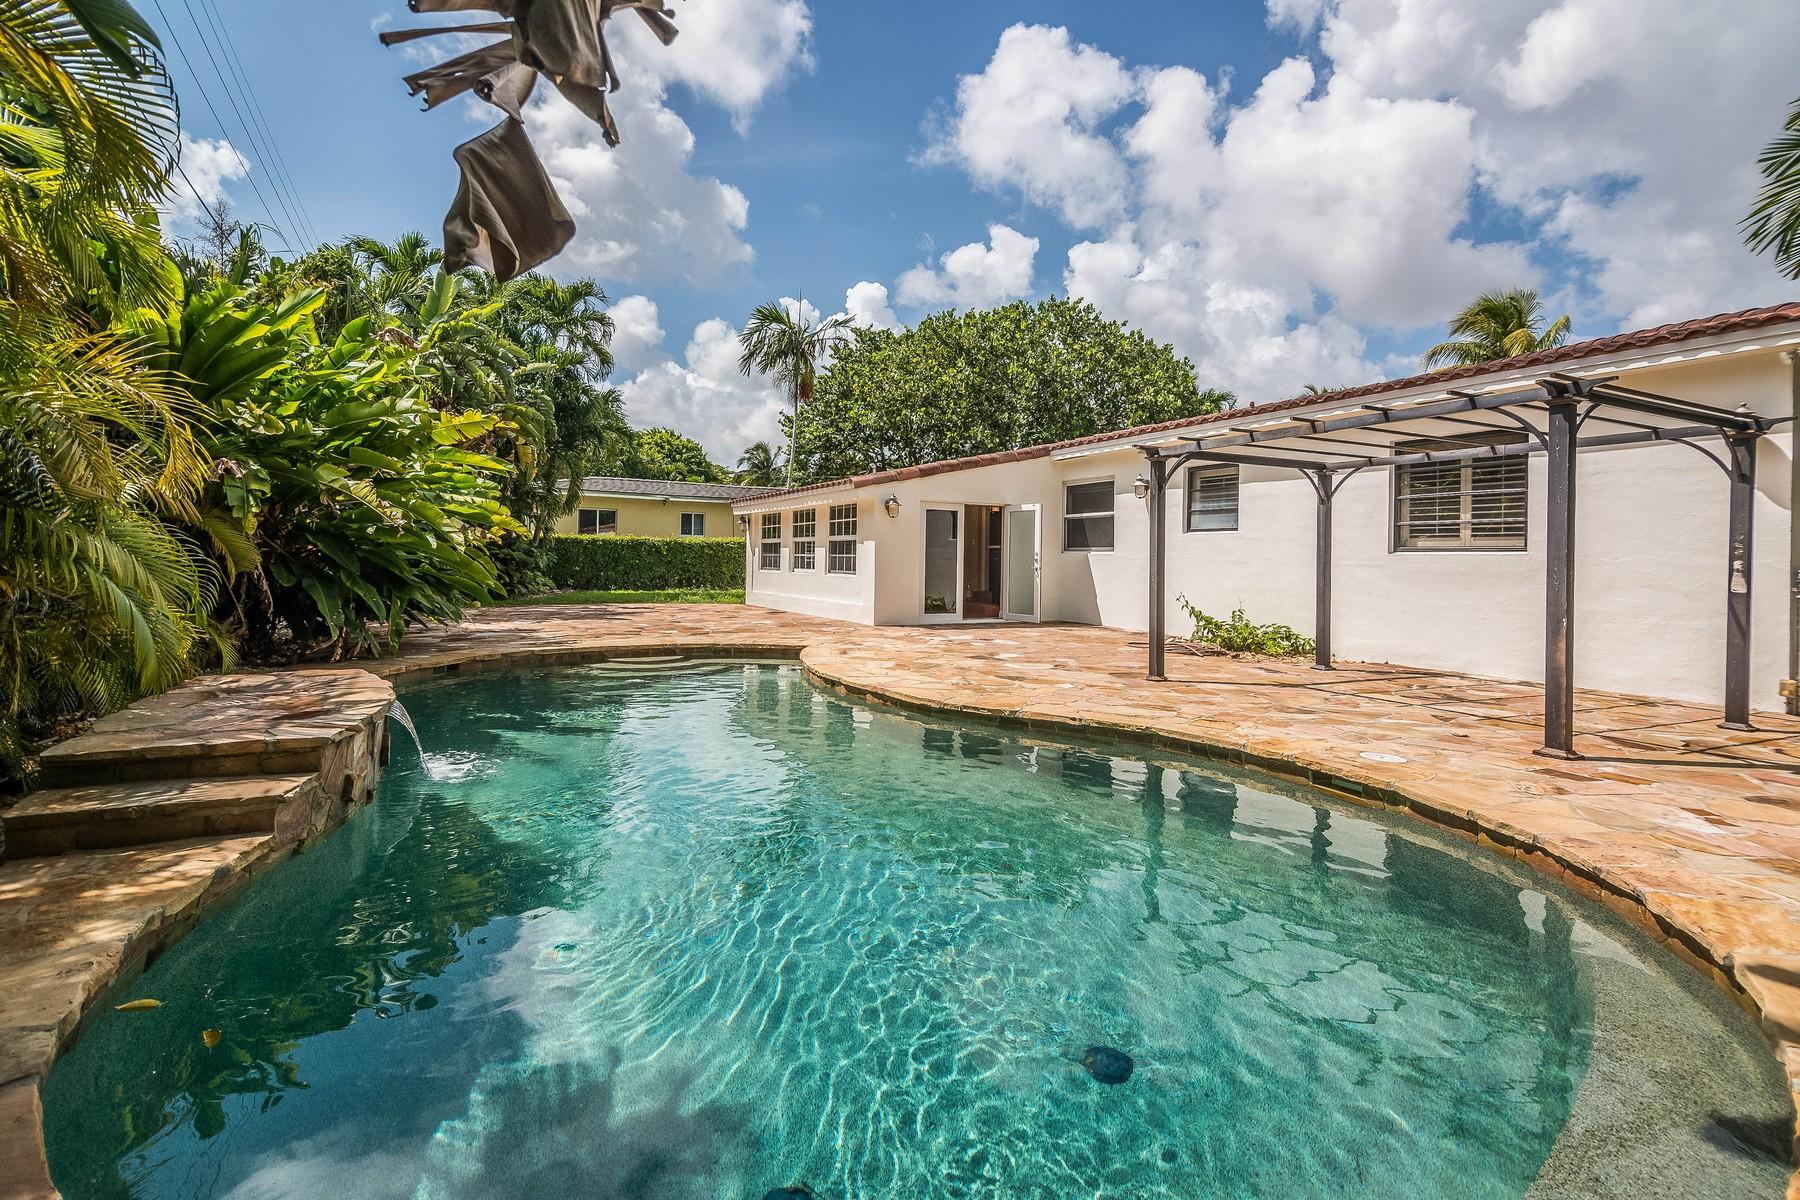 Nhà ở một gia đình vì Bán tại 6622 Santora St Coral Gables, FL 33146 6622 Santona St Coral Gables, Florida 33146 Hoa Kỳ